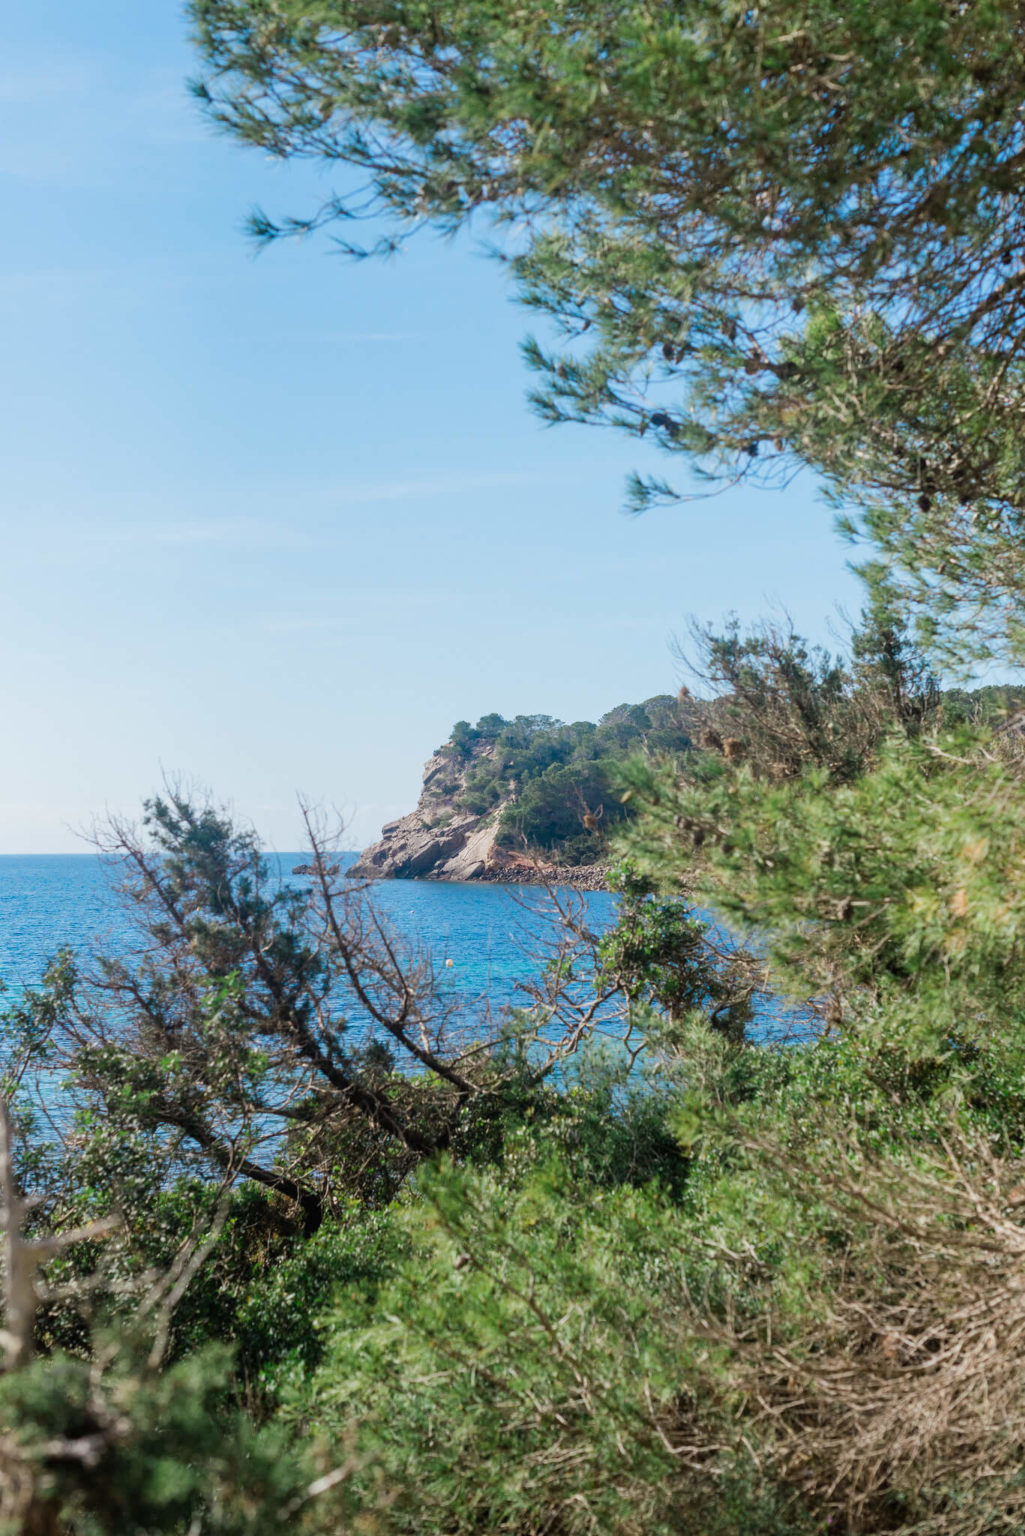 https://www.white-ibiza.com/wp-content/uploads/2020/03/ibiza-beaches-es-xarcu-05-1025x1536.jpg